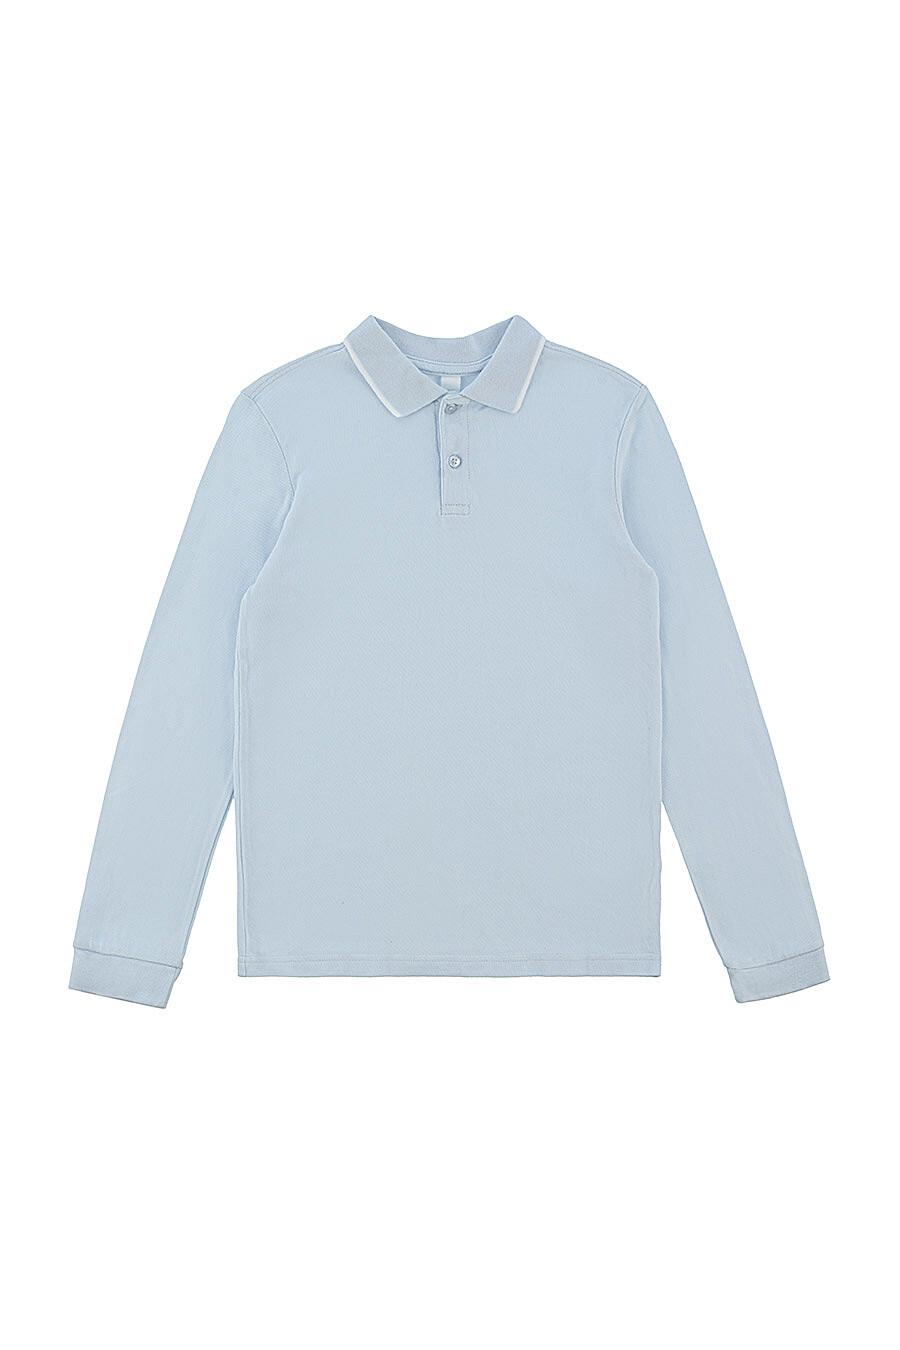 Поло для мальчиков IN FUNT 219028 купить оптом от производителя. Совместная покупка детской одежды в OptMoyo